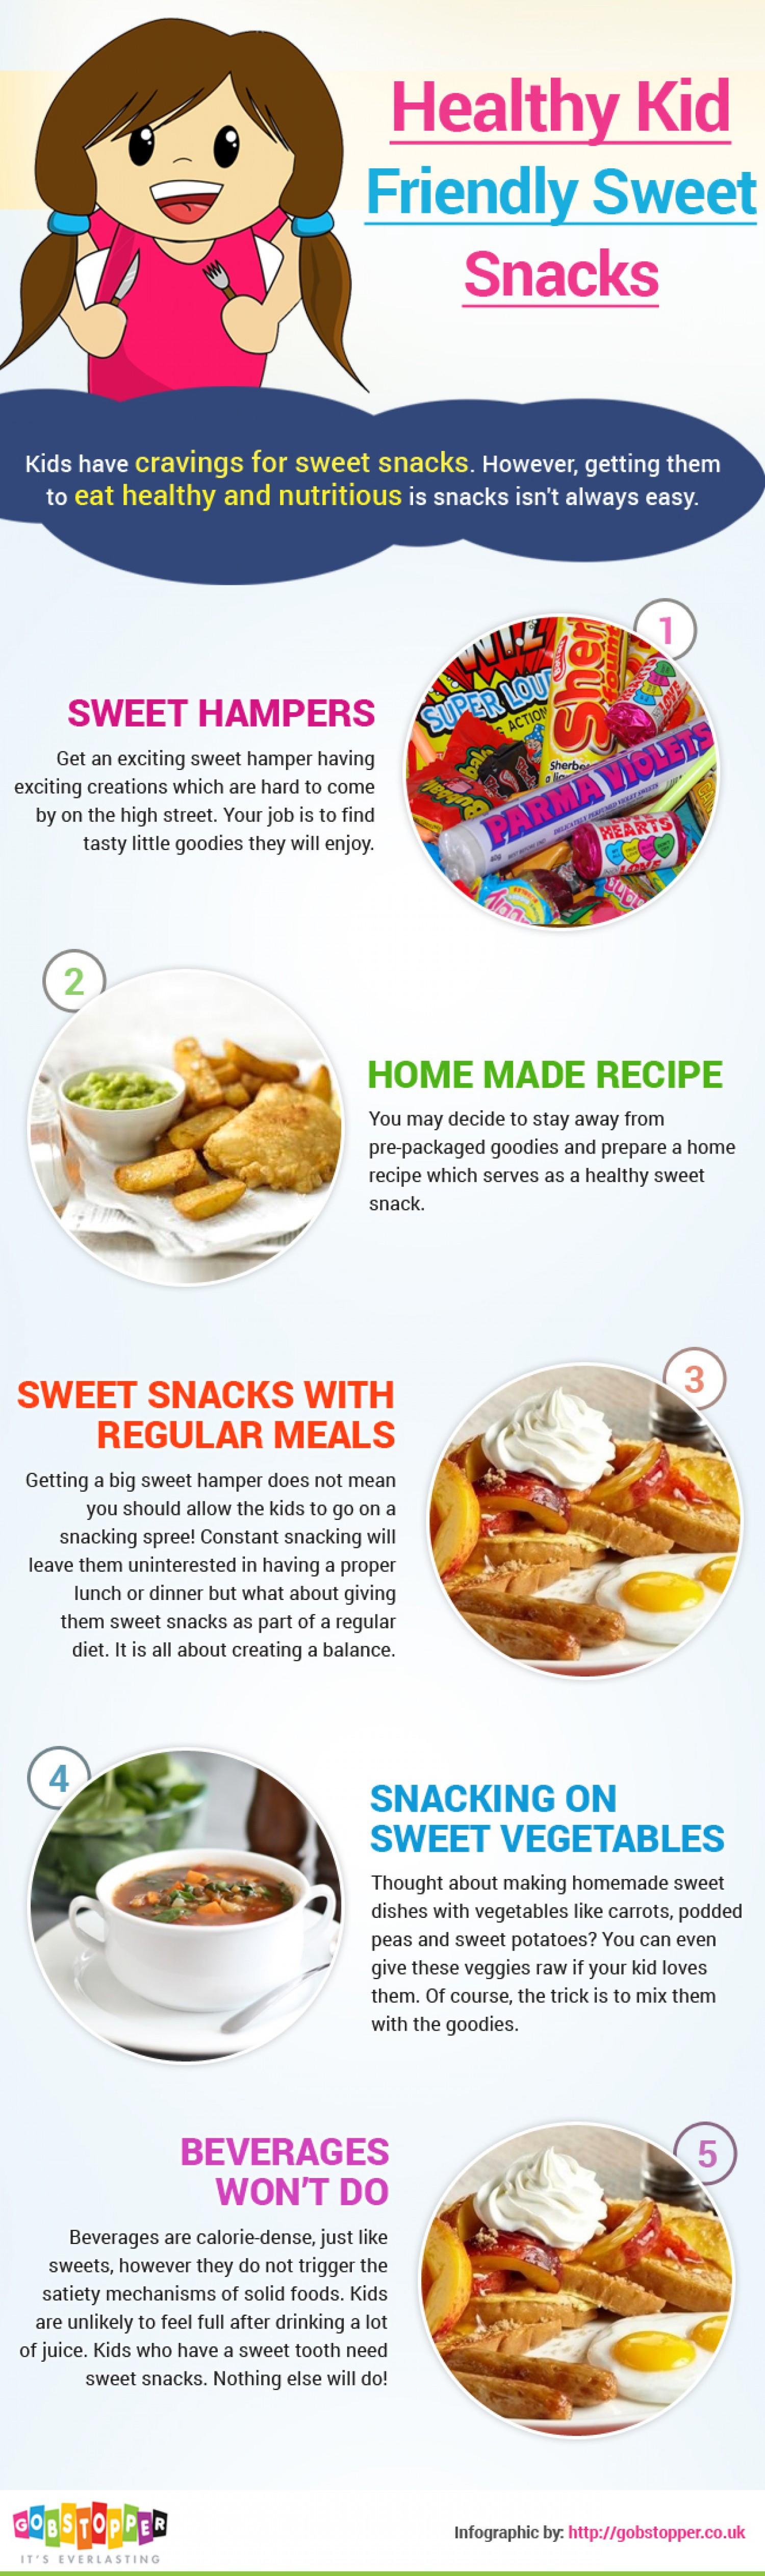 Healthy Kid Friendly Snacks  Healthy Kid Friendly Sweet Snacks